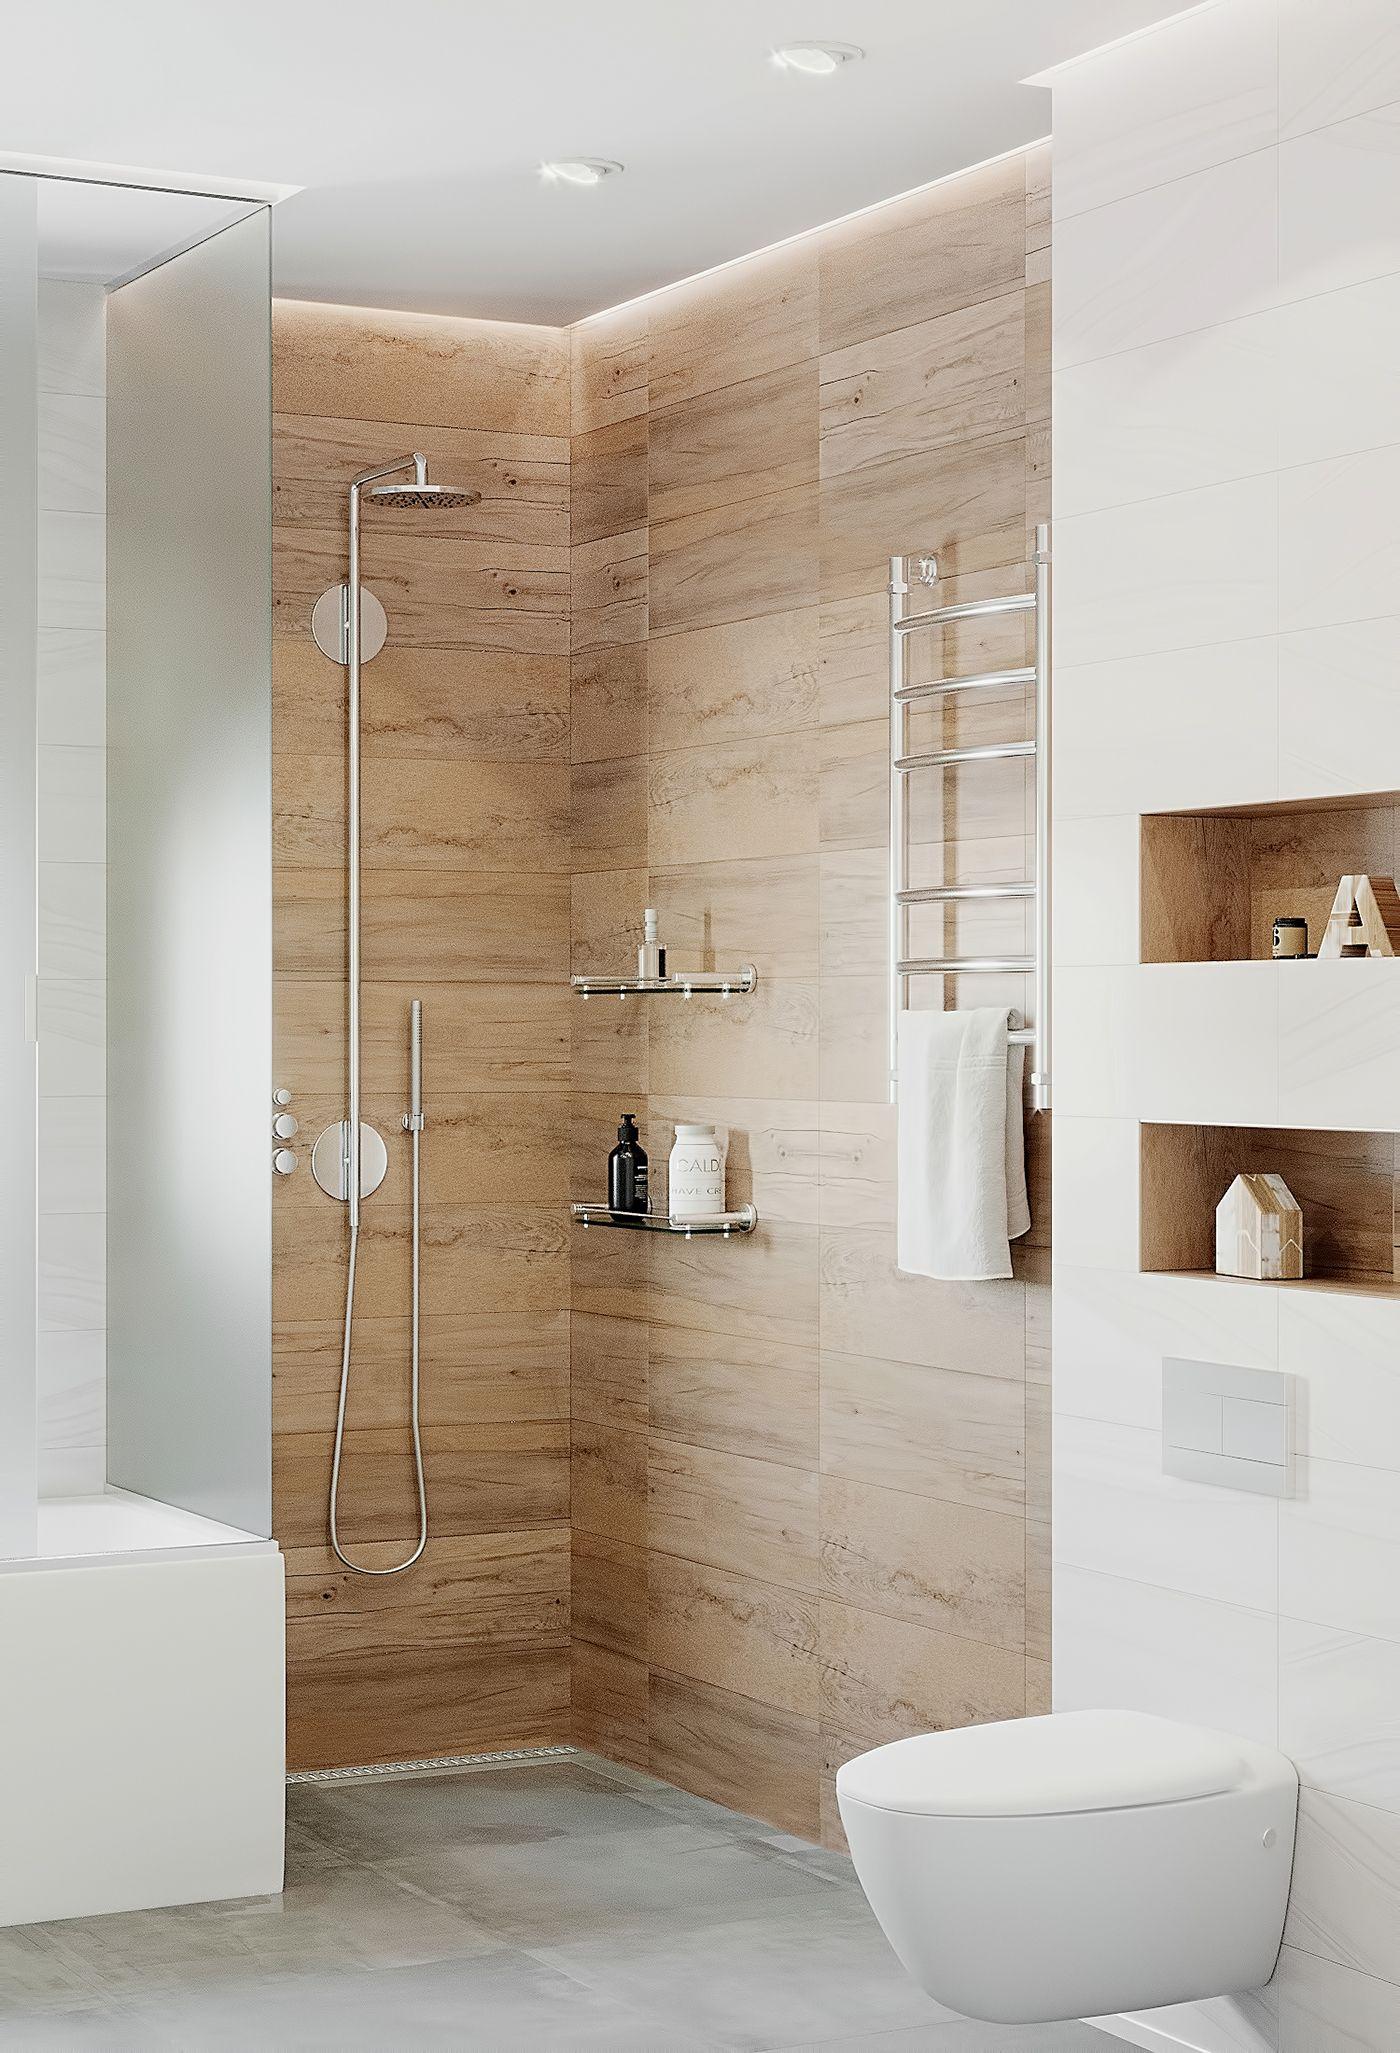 Pin Von Christoph Halfmann Auf Badezimmerideen Kleines Bad Renovierungen Kleine Badezimmer Design Badezimmer